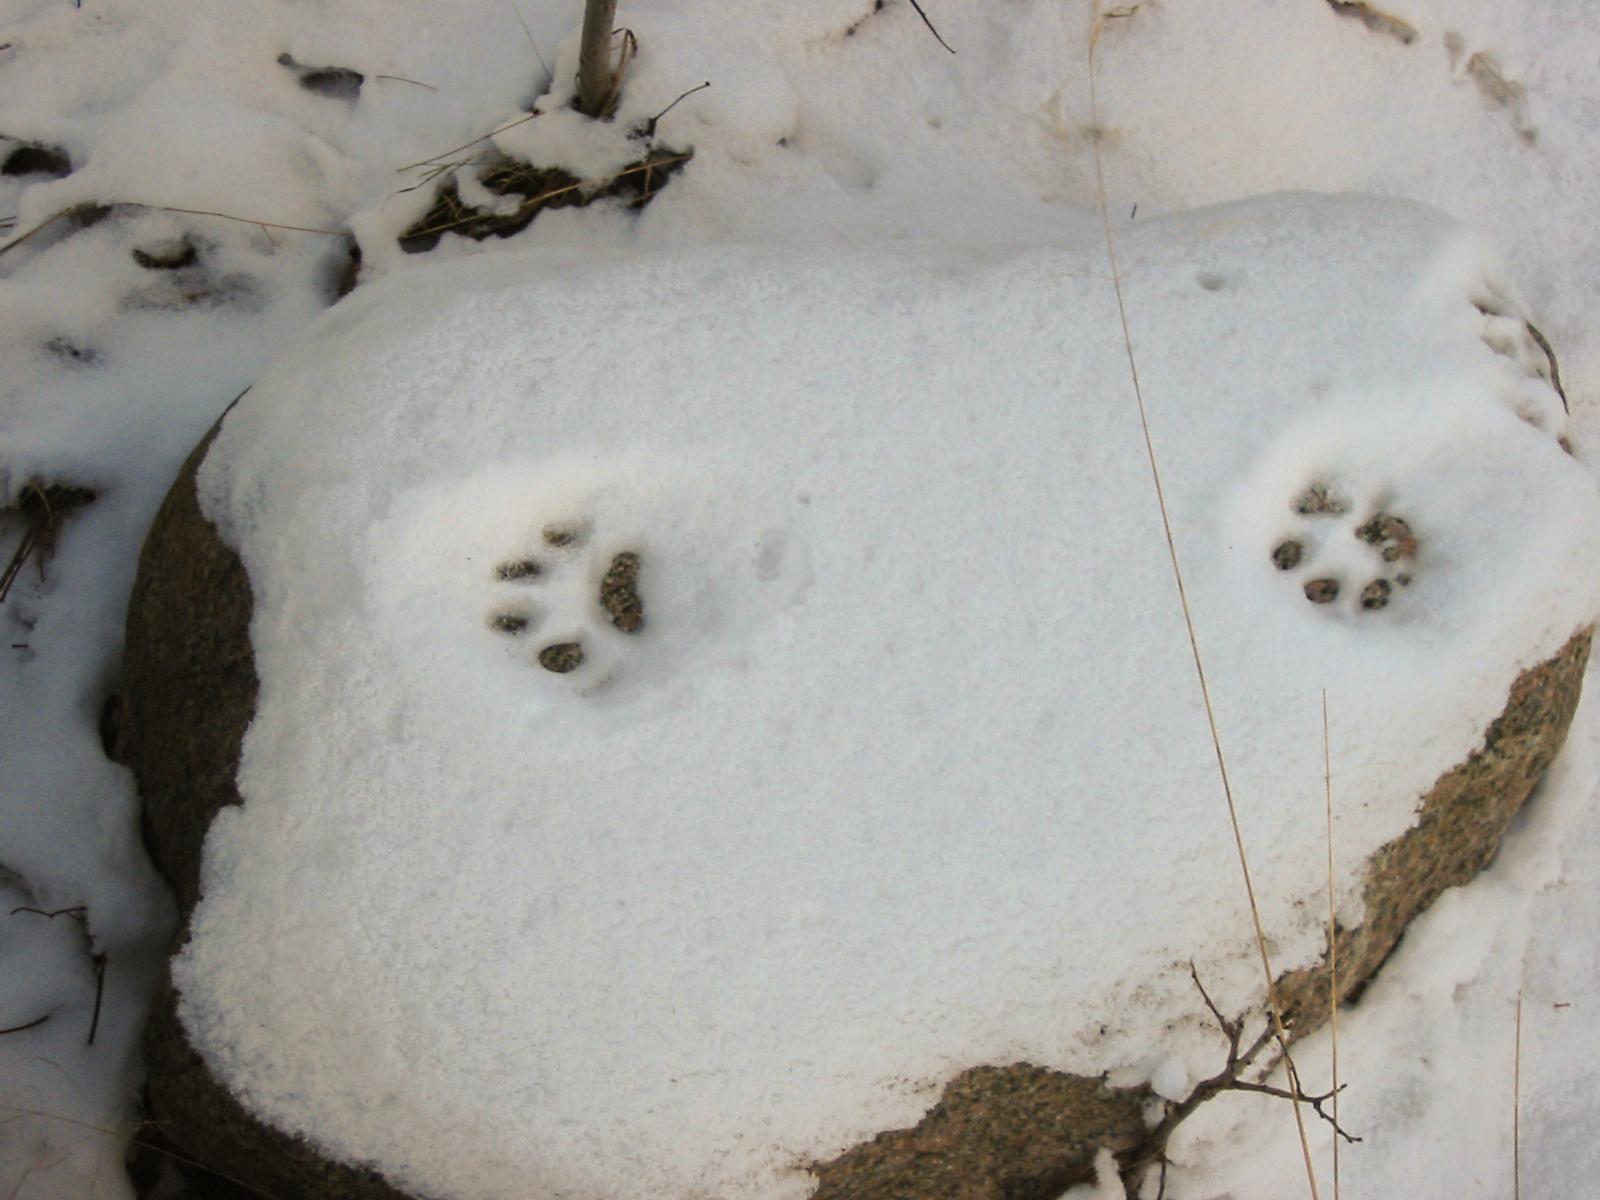 Luchsfährte im Schnee – charakteristisch für Luchsfährten ist das Fehlen von Krallenabdrücken, da diese während des Laufens in die Hauttaschen zurückgezogen werden